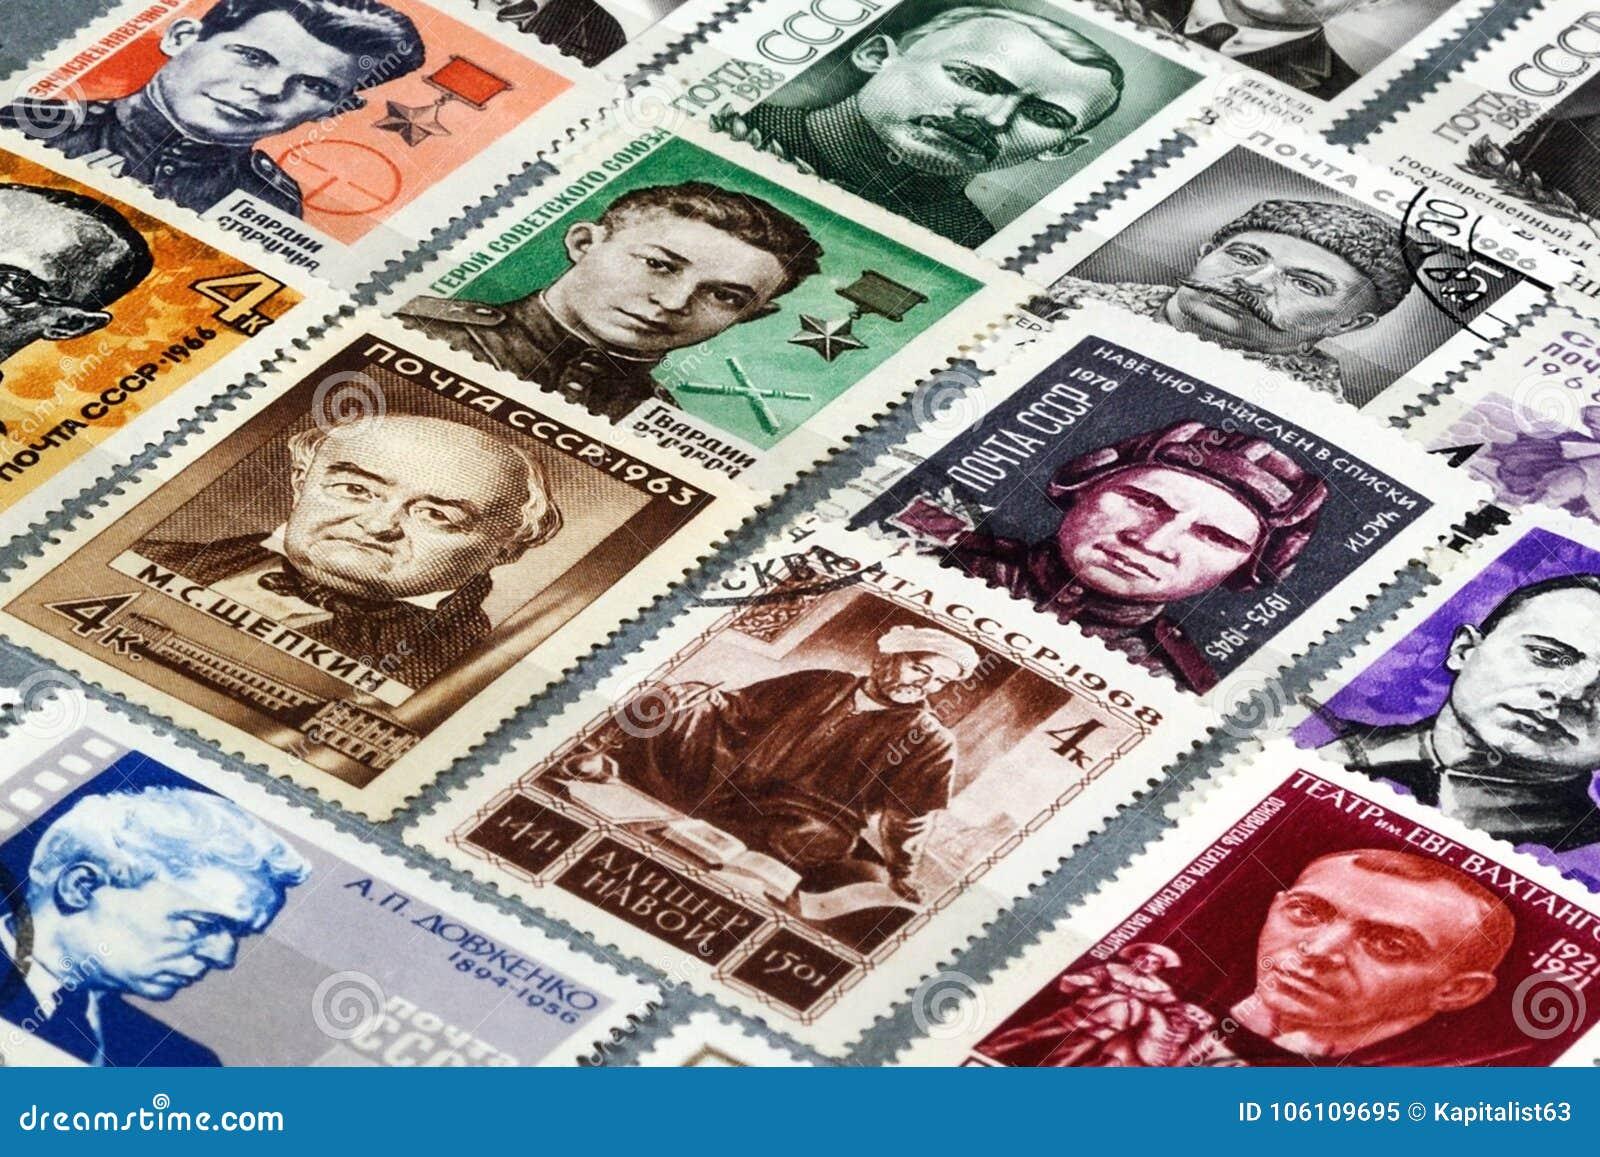 Εκλεκτής ποιότητας γραμματόσημα της ΕΣΣΔ